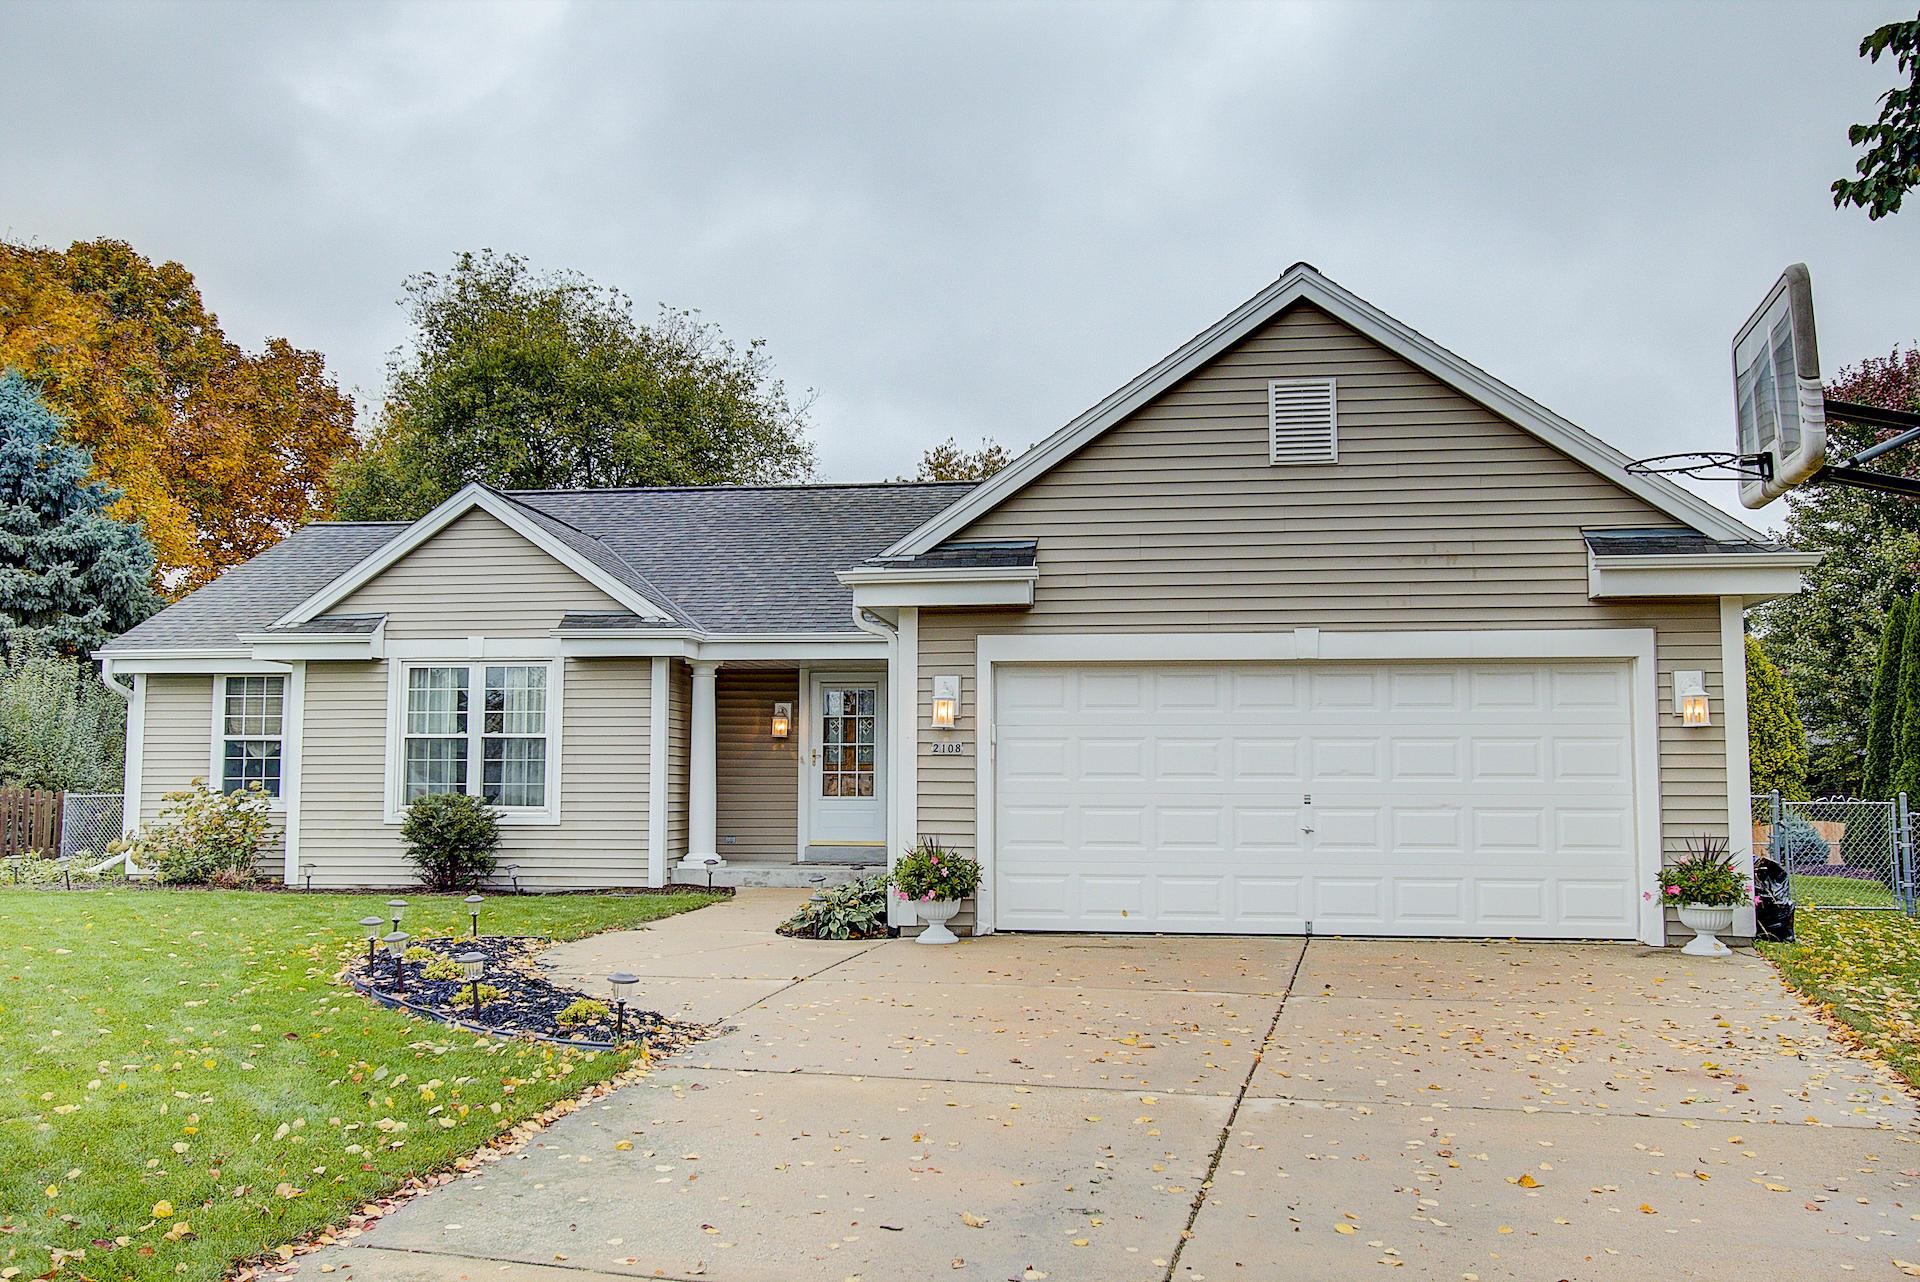 2108 Somerset Ct, Waukesha, Wisconsin 53186, 3 Bedrooms Bedrooms, 7 Rooms Rooms,2 BathroomsBathrooms,Single-Family,For Sale,Somerset Ct,1610128